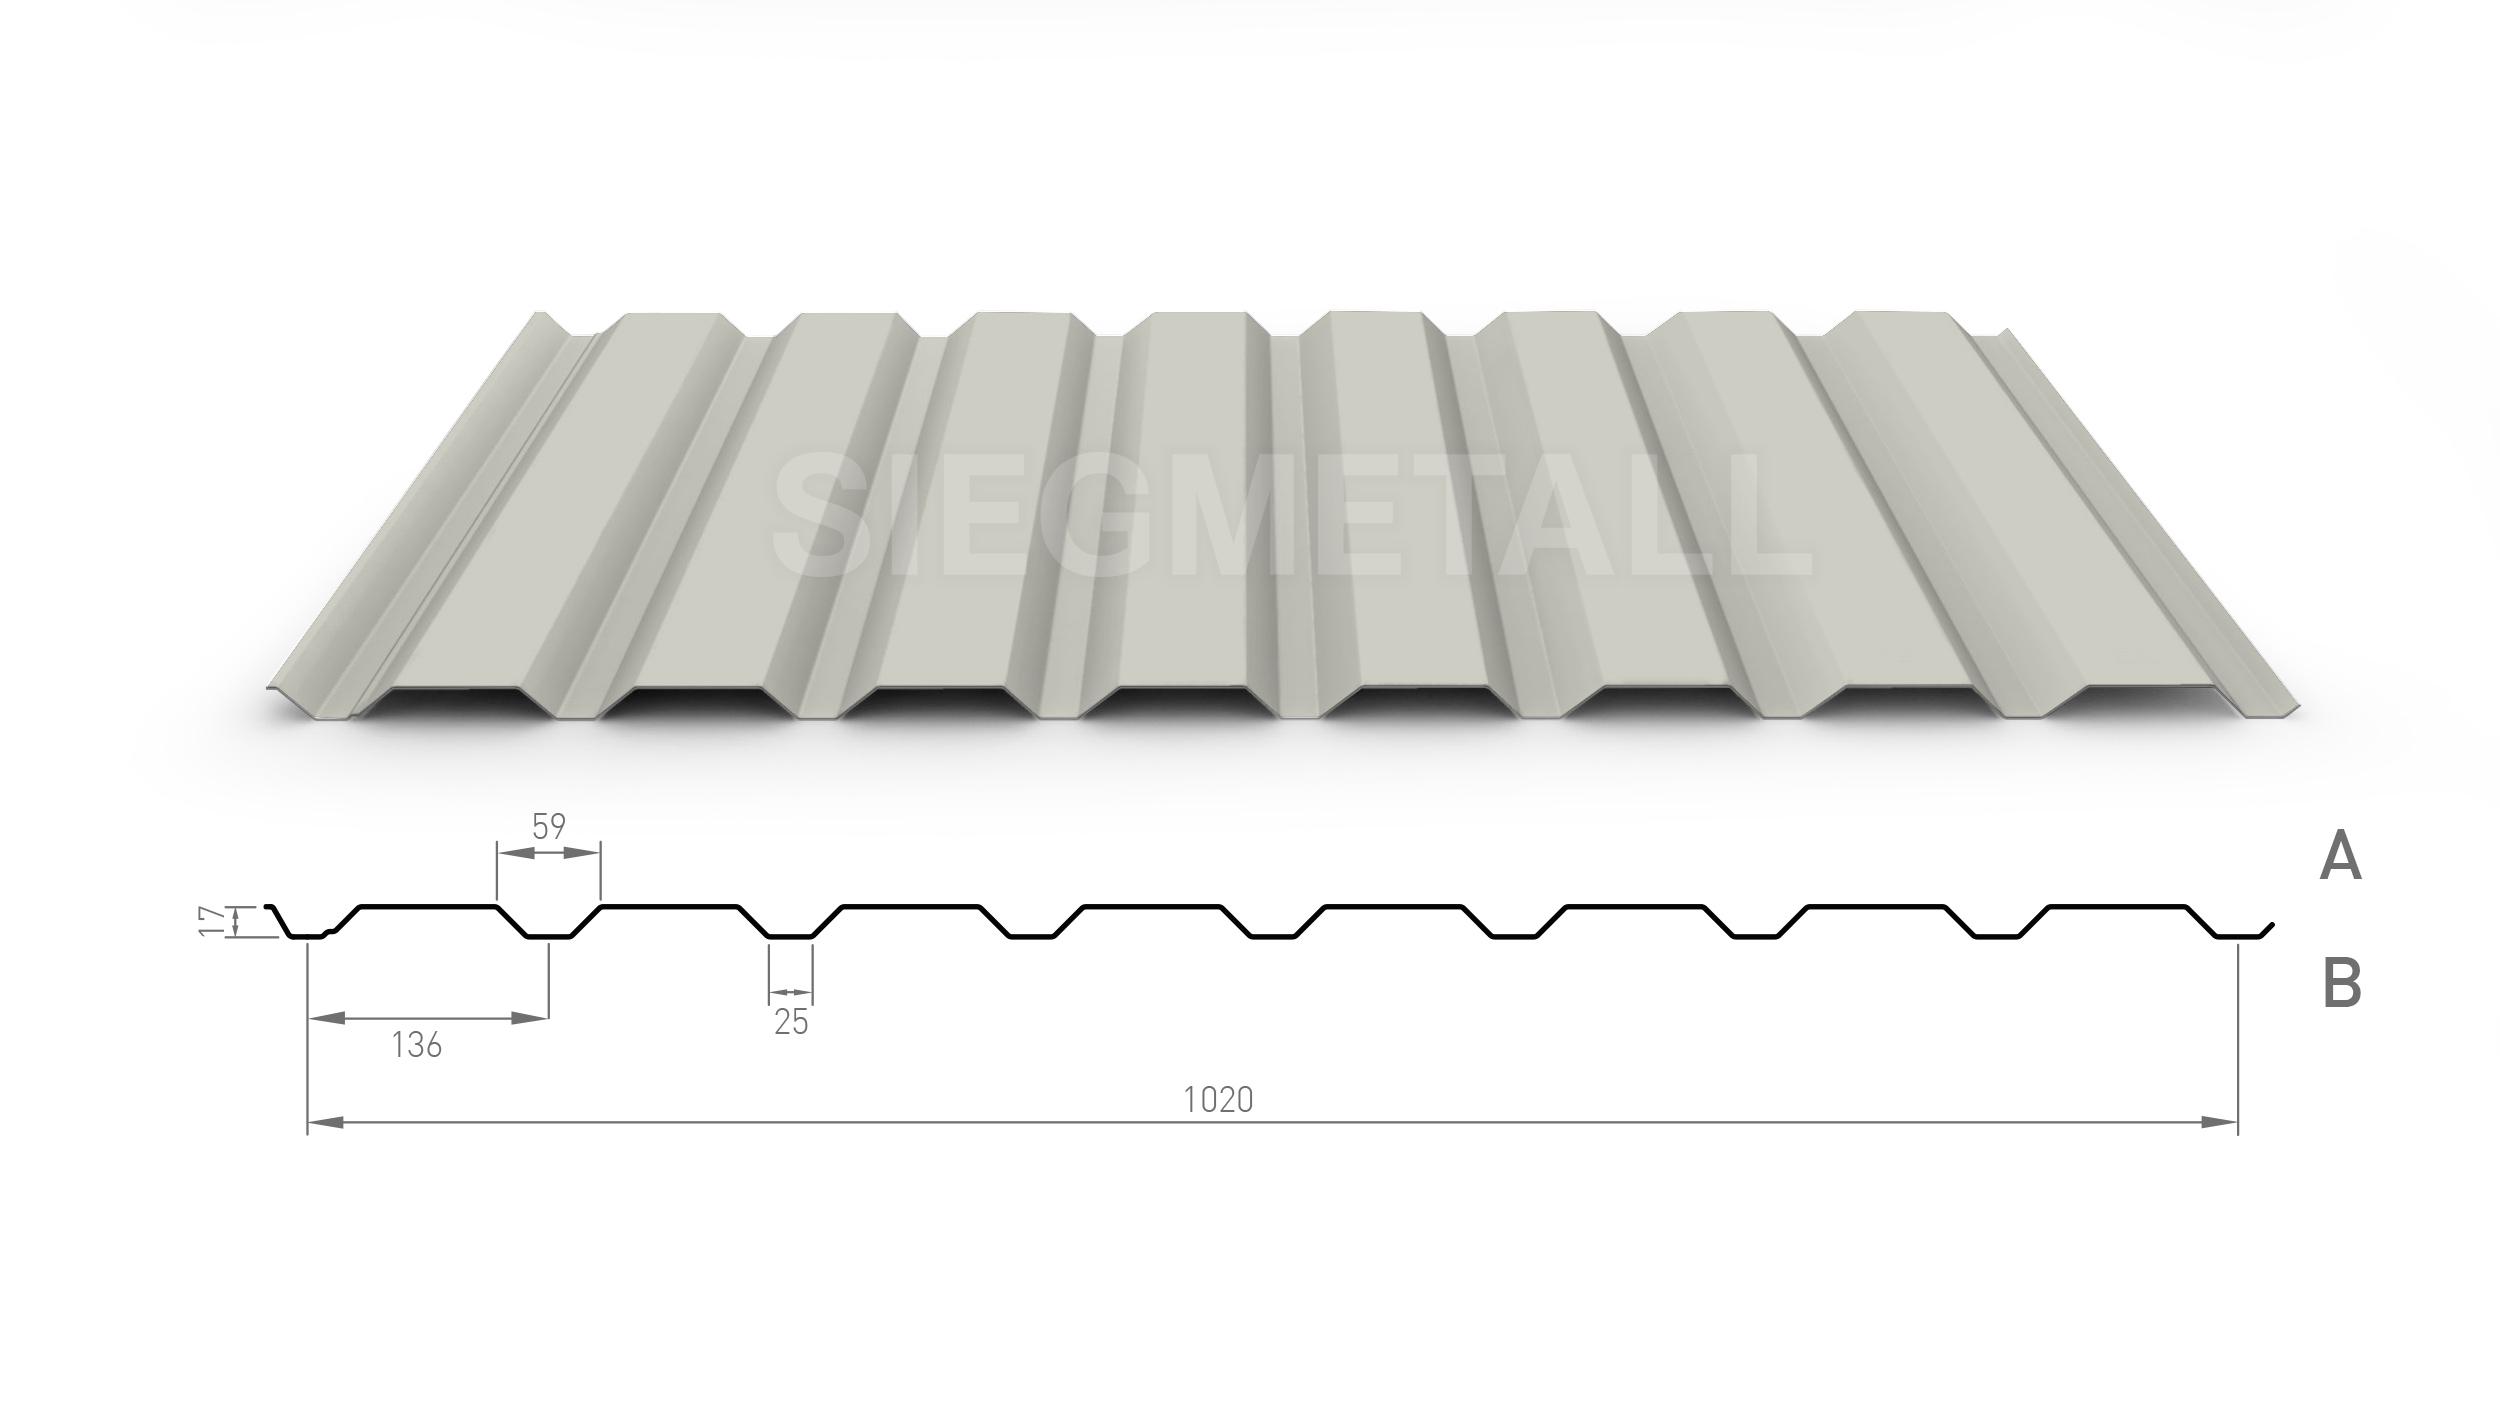 Profil PS18//1064CR Material Stahl Dachblech Farbe Anthrazitgrau Profilblech St/ärke 0,63 mm Beschichtung 25 /µm Wellblech